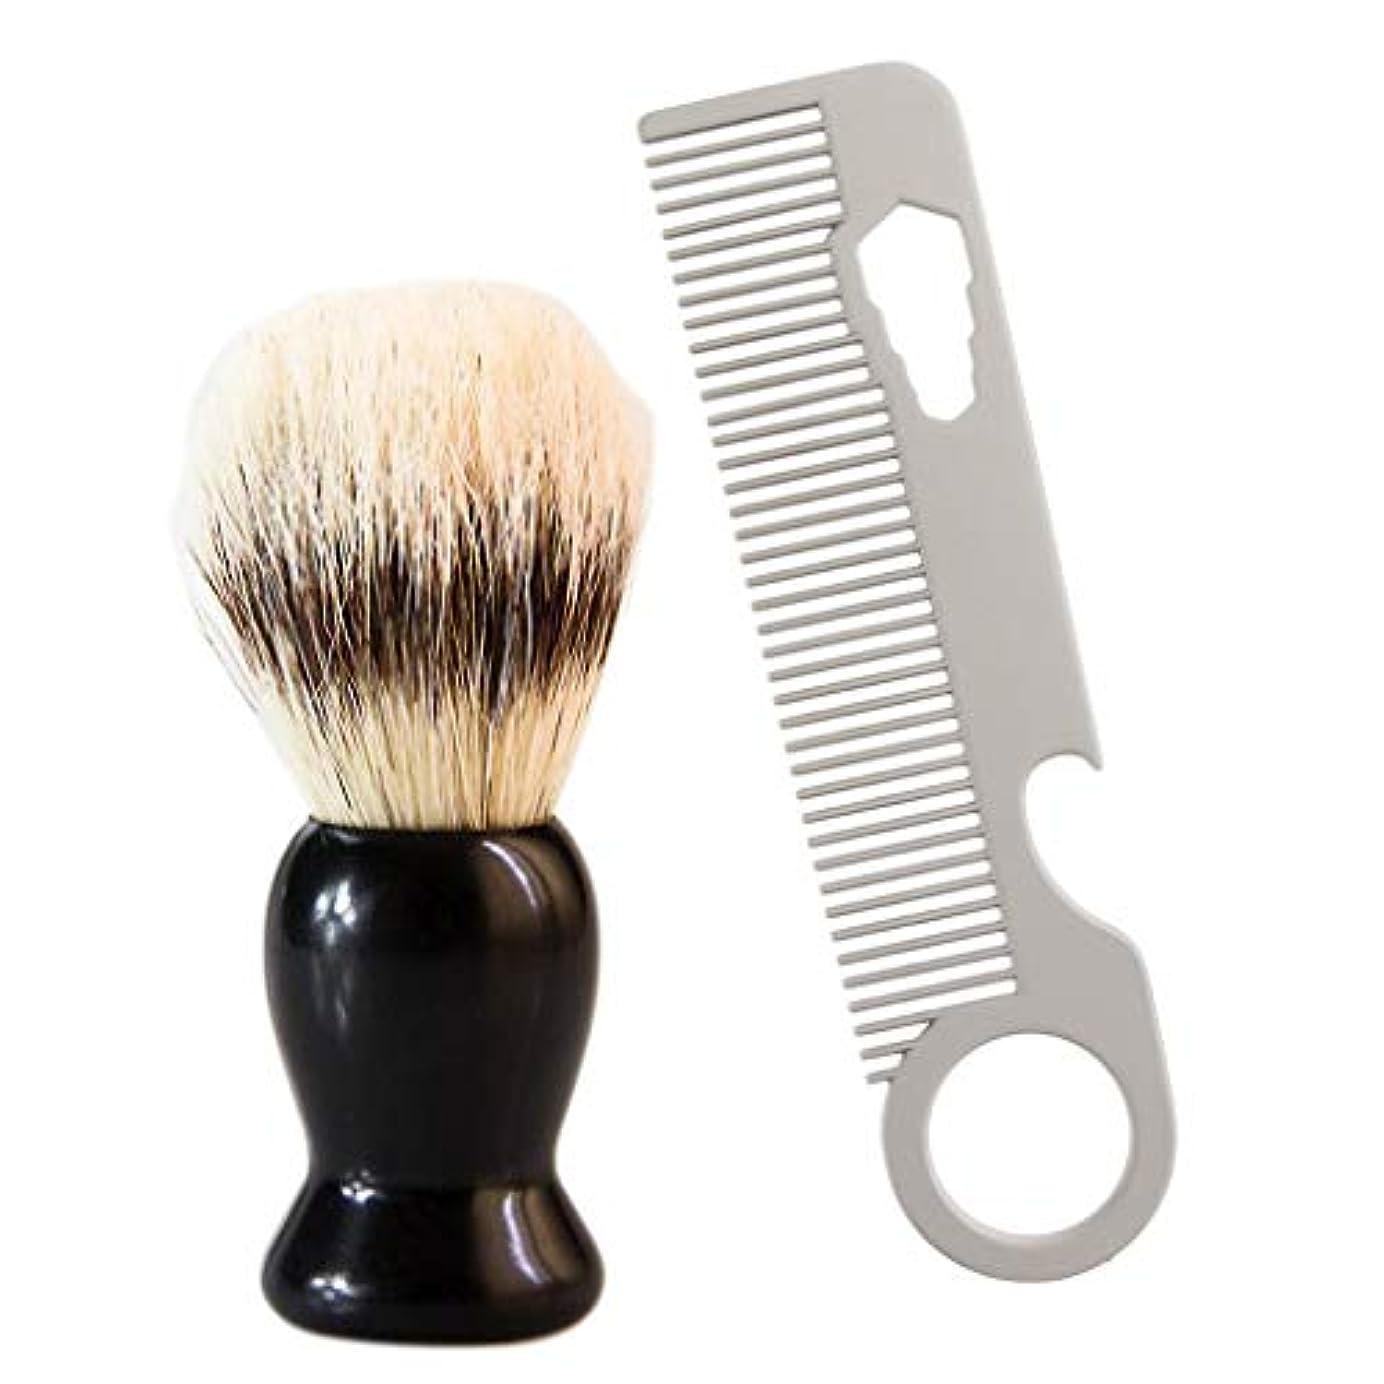 留め金梨控えめなHellery メンズ シェービングブラシセット ひげ剃り櫛 理容 洗顔 髭剃り 家庭用 旅行 贈り物